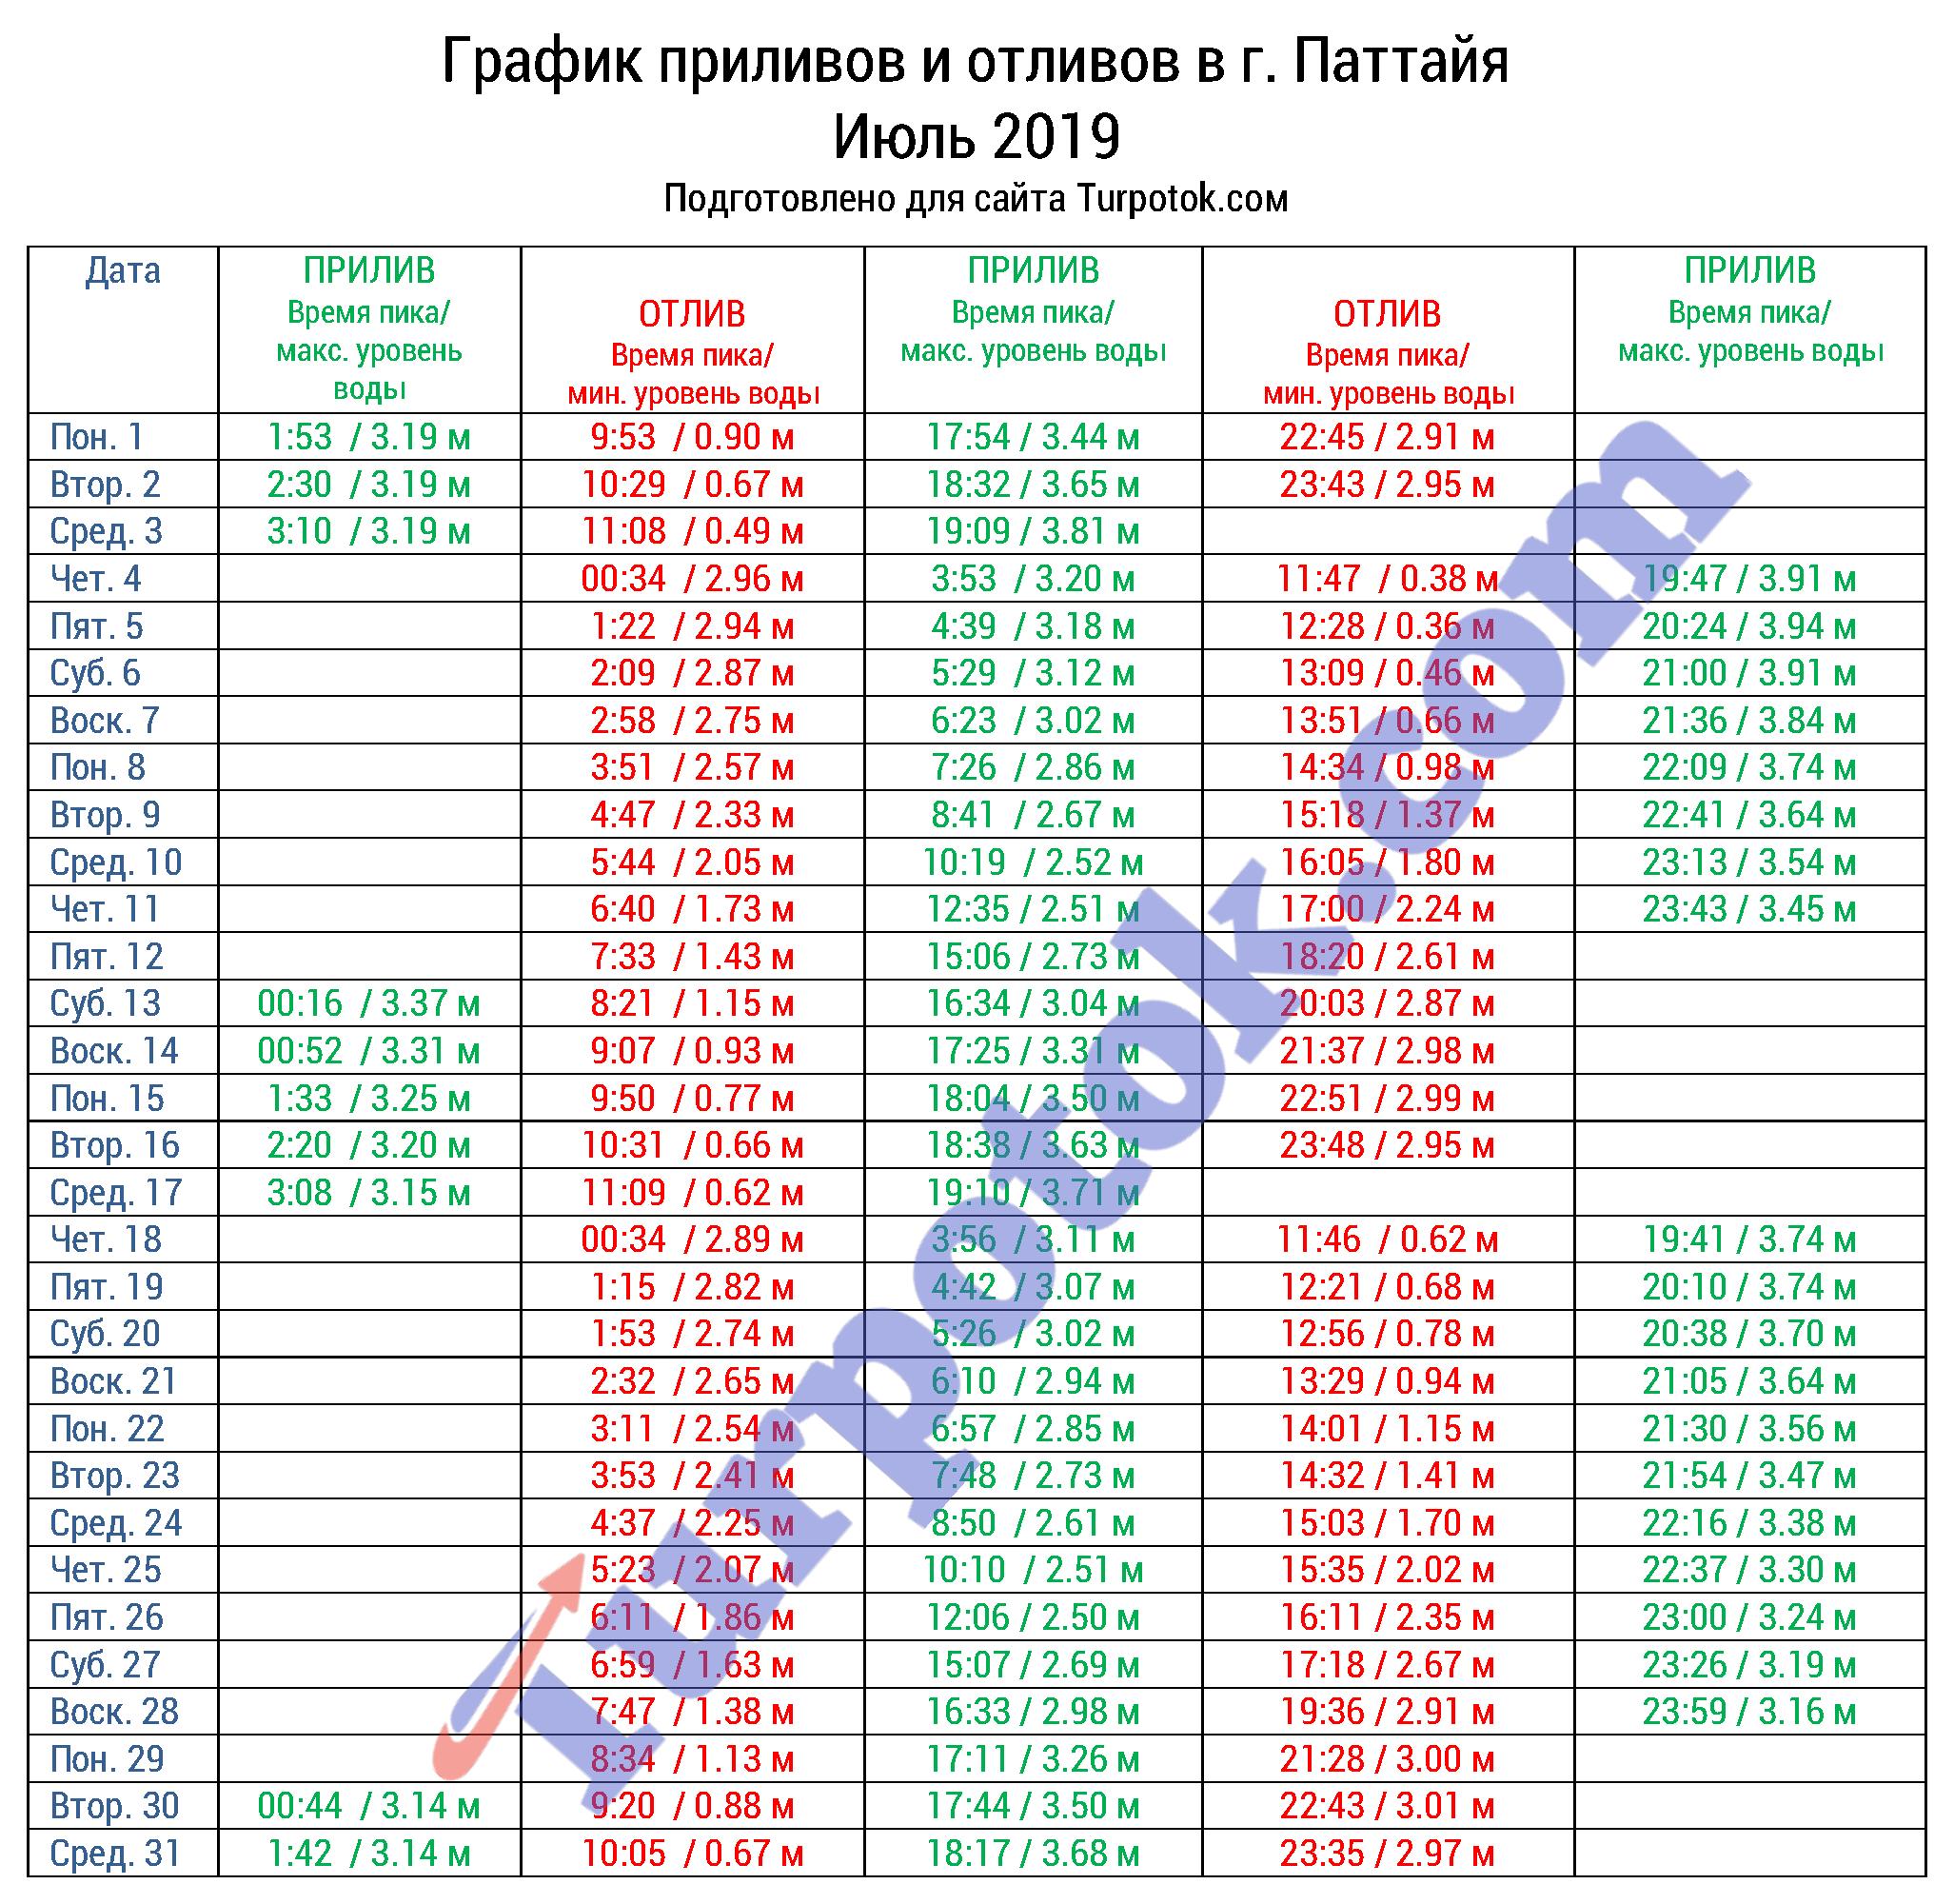 Таблица приливов/отливов на июль